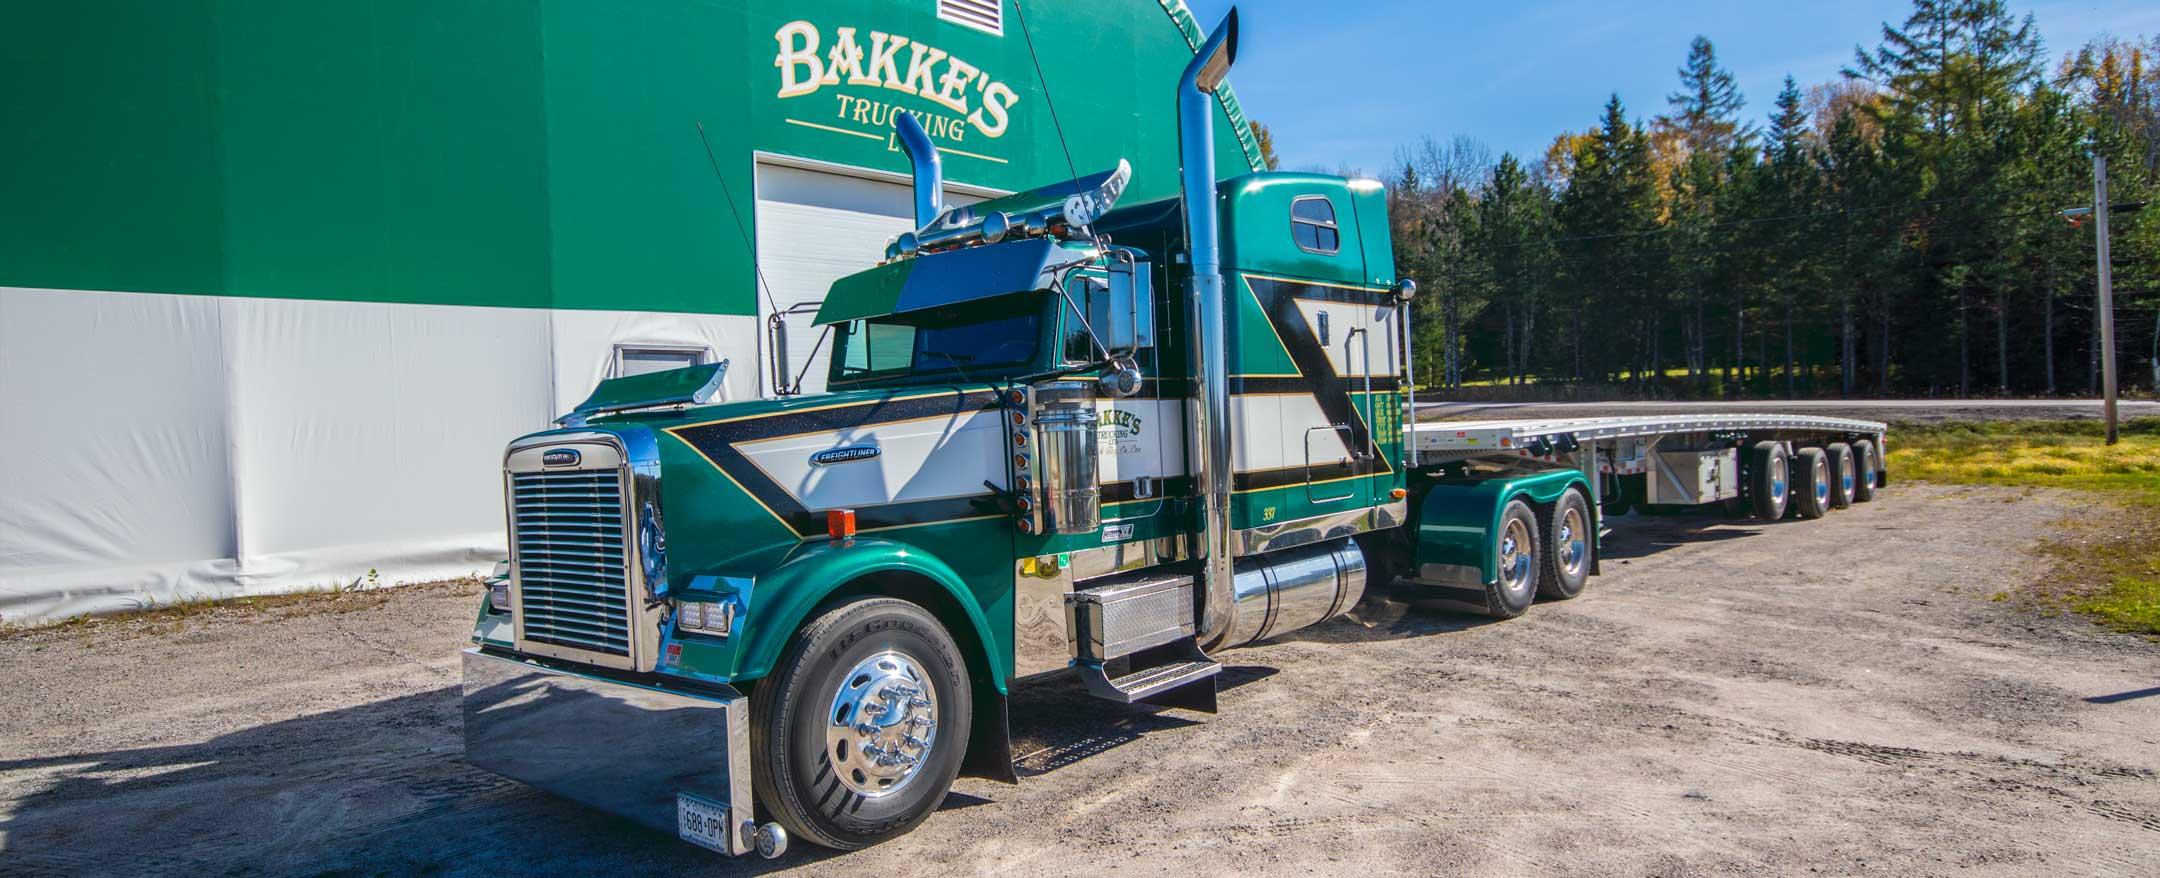 Bakke's Trucking Ltd